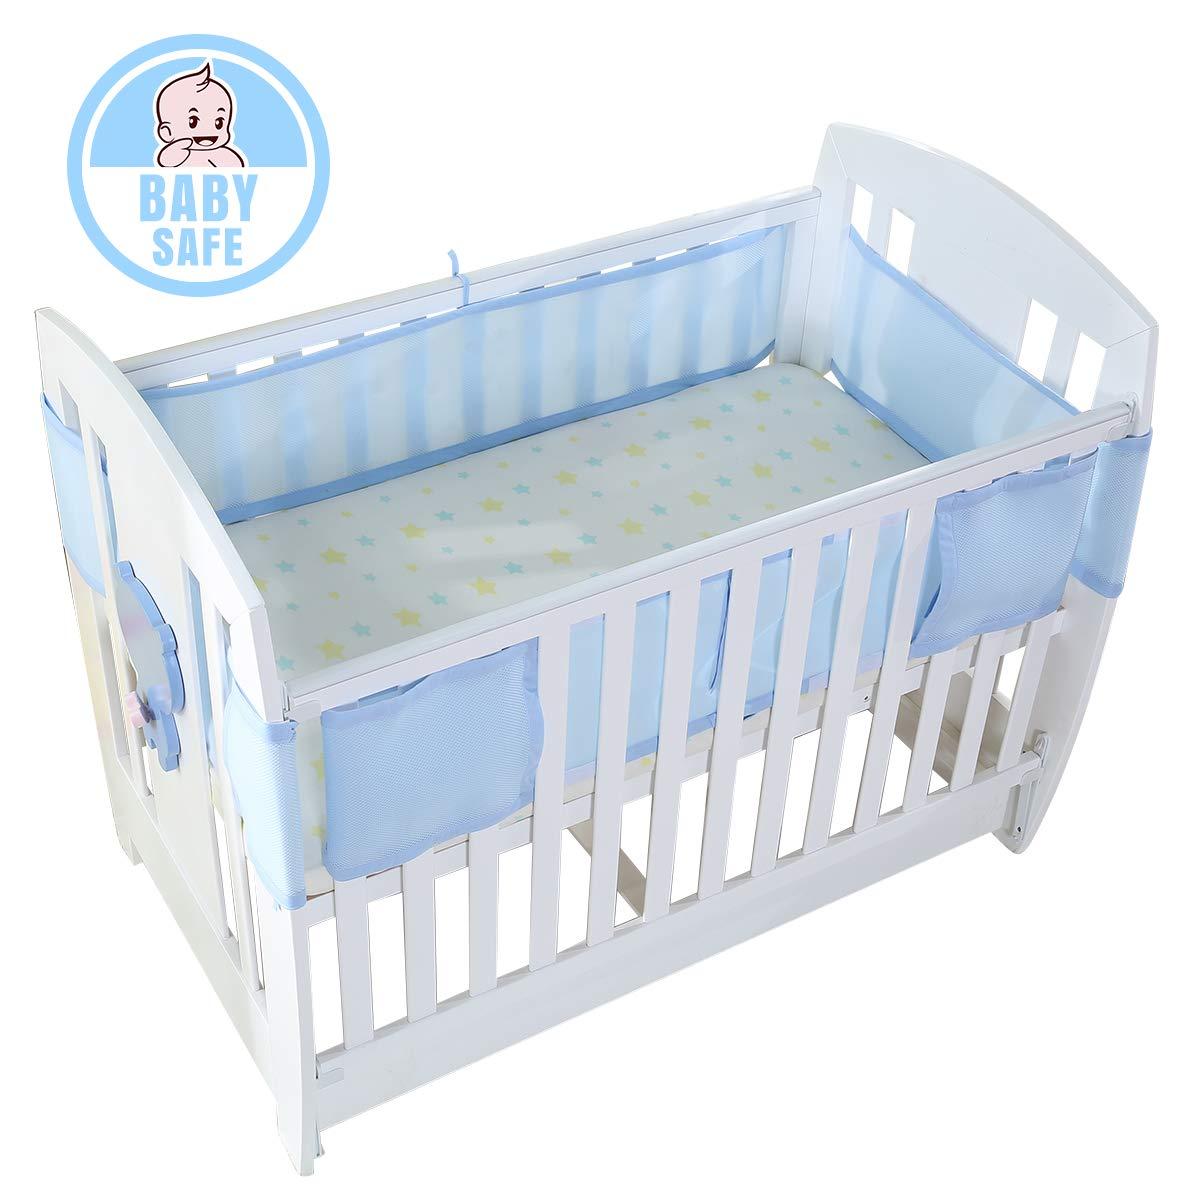 Baby Kinderbett atmungsaktiv Mesh Infant Nestchen Kinder Bumper Kinderbett rutschsicher Babybett Sets Baby Bettwäsche um Sicherheit Displayschutzfolie ITRAZ